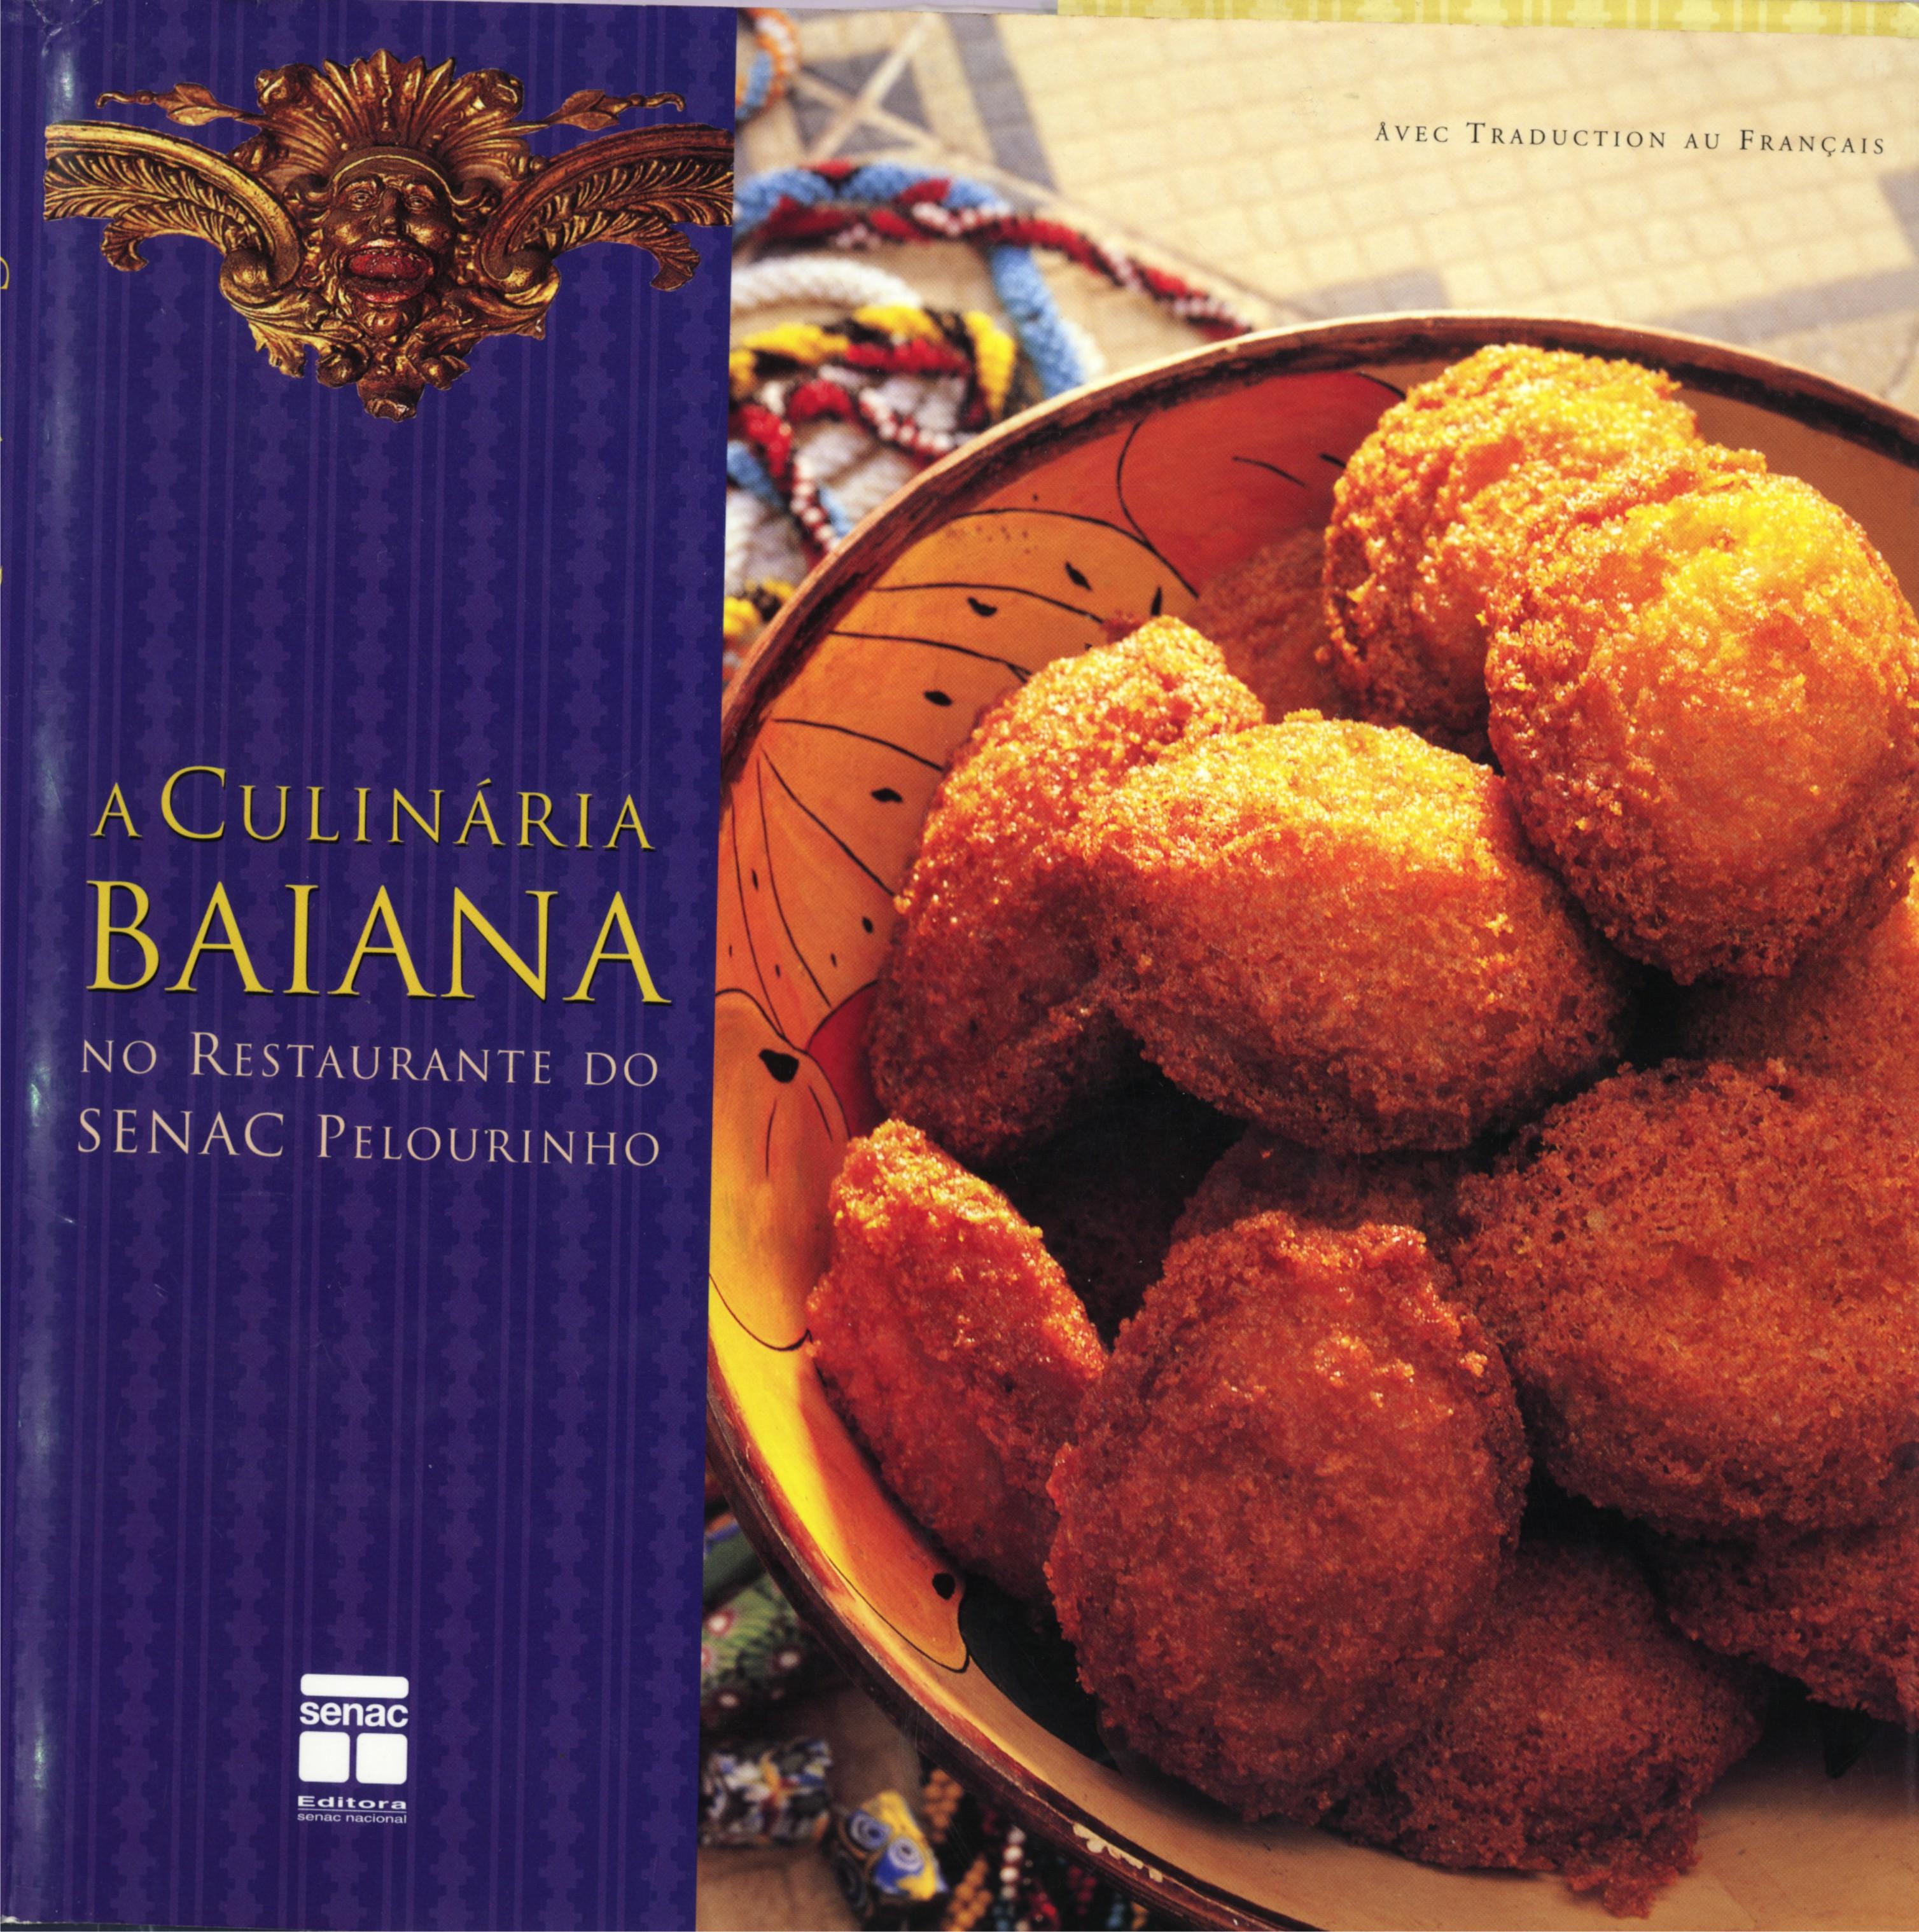 A culinária baiana no Restaurante do Senac Pelourinho